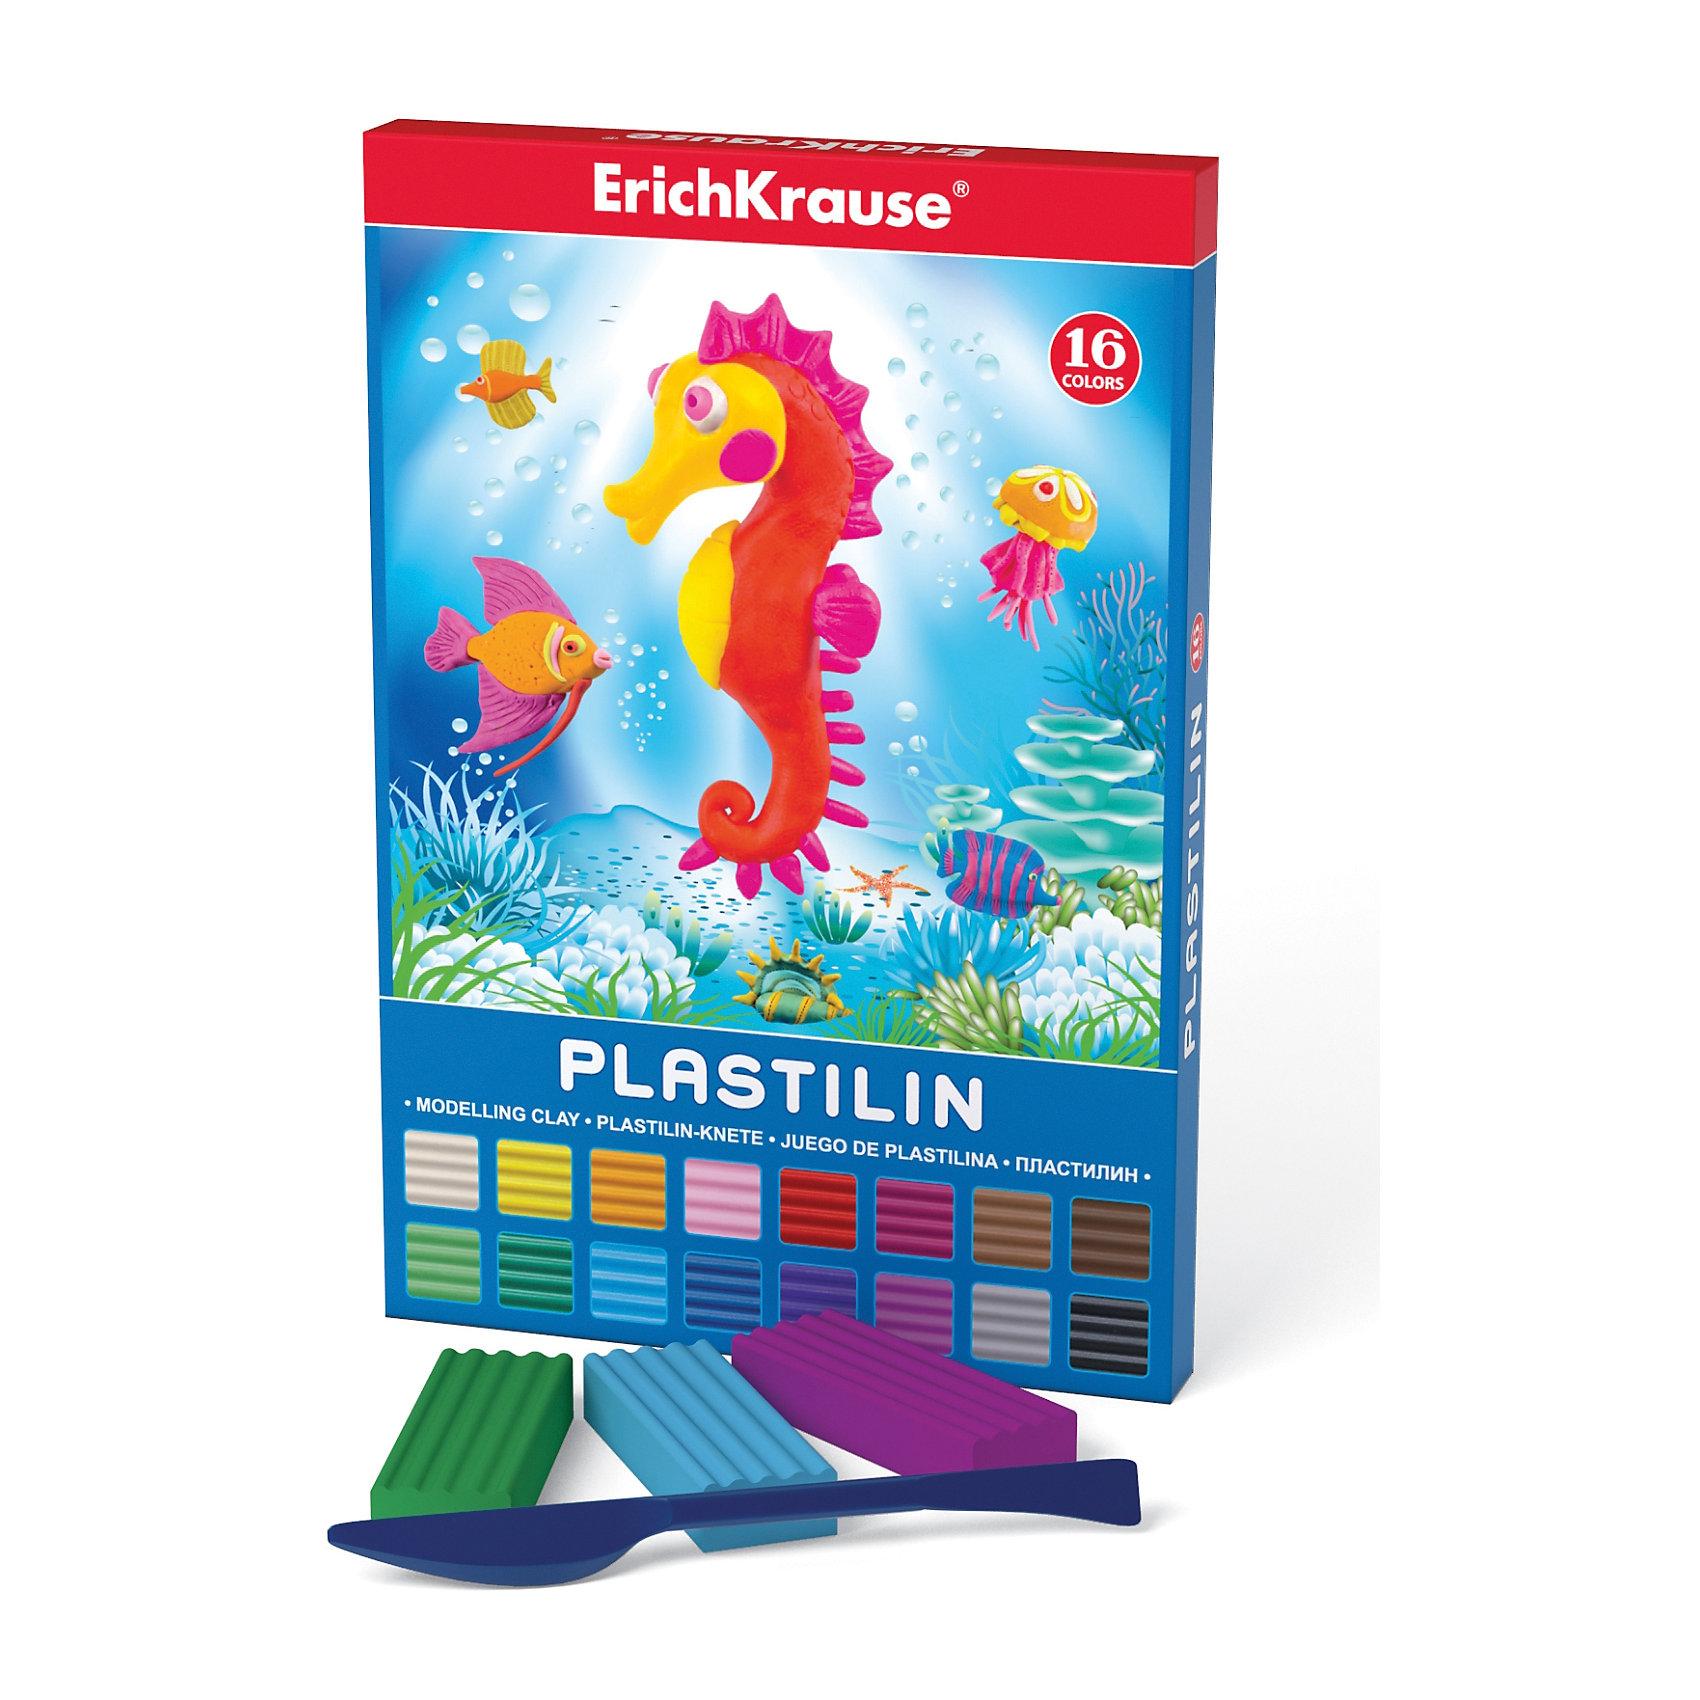 Пластилин 16 цветов, 288г, со стекомПластилин 16 цветов, 288г, со стеком<br><br>Характеристики:<br><br>• В набор входит: 16 брусочков пластилина, лопаточка-стек<br>• Размер упаковки: 22 * 1,7 * 16 см.<br>• Вес: 350 г.<br>• Для детей в возрасте: от 3-х лет<br>• Страна производитель: Китай<br><br>Шестнадцать ярких цветных брусочков пластилина изготовлены из безопасных для детей материалов и уже готовы к лепке. В набор входит лопаточка для пластилина, с ней вы сможете разрезать пластилин, делать его плоским или рифленым. Насыщенные цвета пластилина почти не оставляют следов на руках и могут перемешиваться между собой. Поделки из разных цветов отлично прикрепляются друг к другу. Работая с пластилином вы можете делать объемные фигурки, а также можете наносить пластилин на бумагу, картон или даже стекло, чтобы выполнять новые картины или даже фрески. <br><br>В набор входят целых шестнадцать цветов, которые помогут создать настоящие шедевры. Занимаясь лепкой дети развивают моторику рук, творческие способности, восприятие цветов и их сочетаний, а также лепка благотворно влияет на развитие речи, координацию движений, память и логическое мышление. Лепка всей семьей поможет весело и пользой провести время!<br><br>Пластилин 16 цветов, 288г, со стеком можно купить в нашем интернет-магазине.<br><br>Ширина мм: 149<br>Глубина мм: 220<br>Высота мм: 17<br>Вес г: 349<br>Возраст от месяцев: 60<br>Возраст до месяцев: 216<br>Пол: Унисекс<br>Возраст: Детский<br>SKU: 5409291